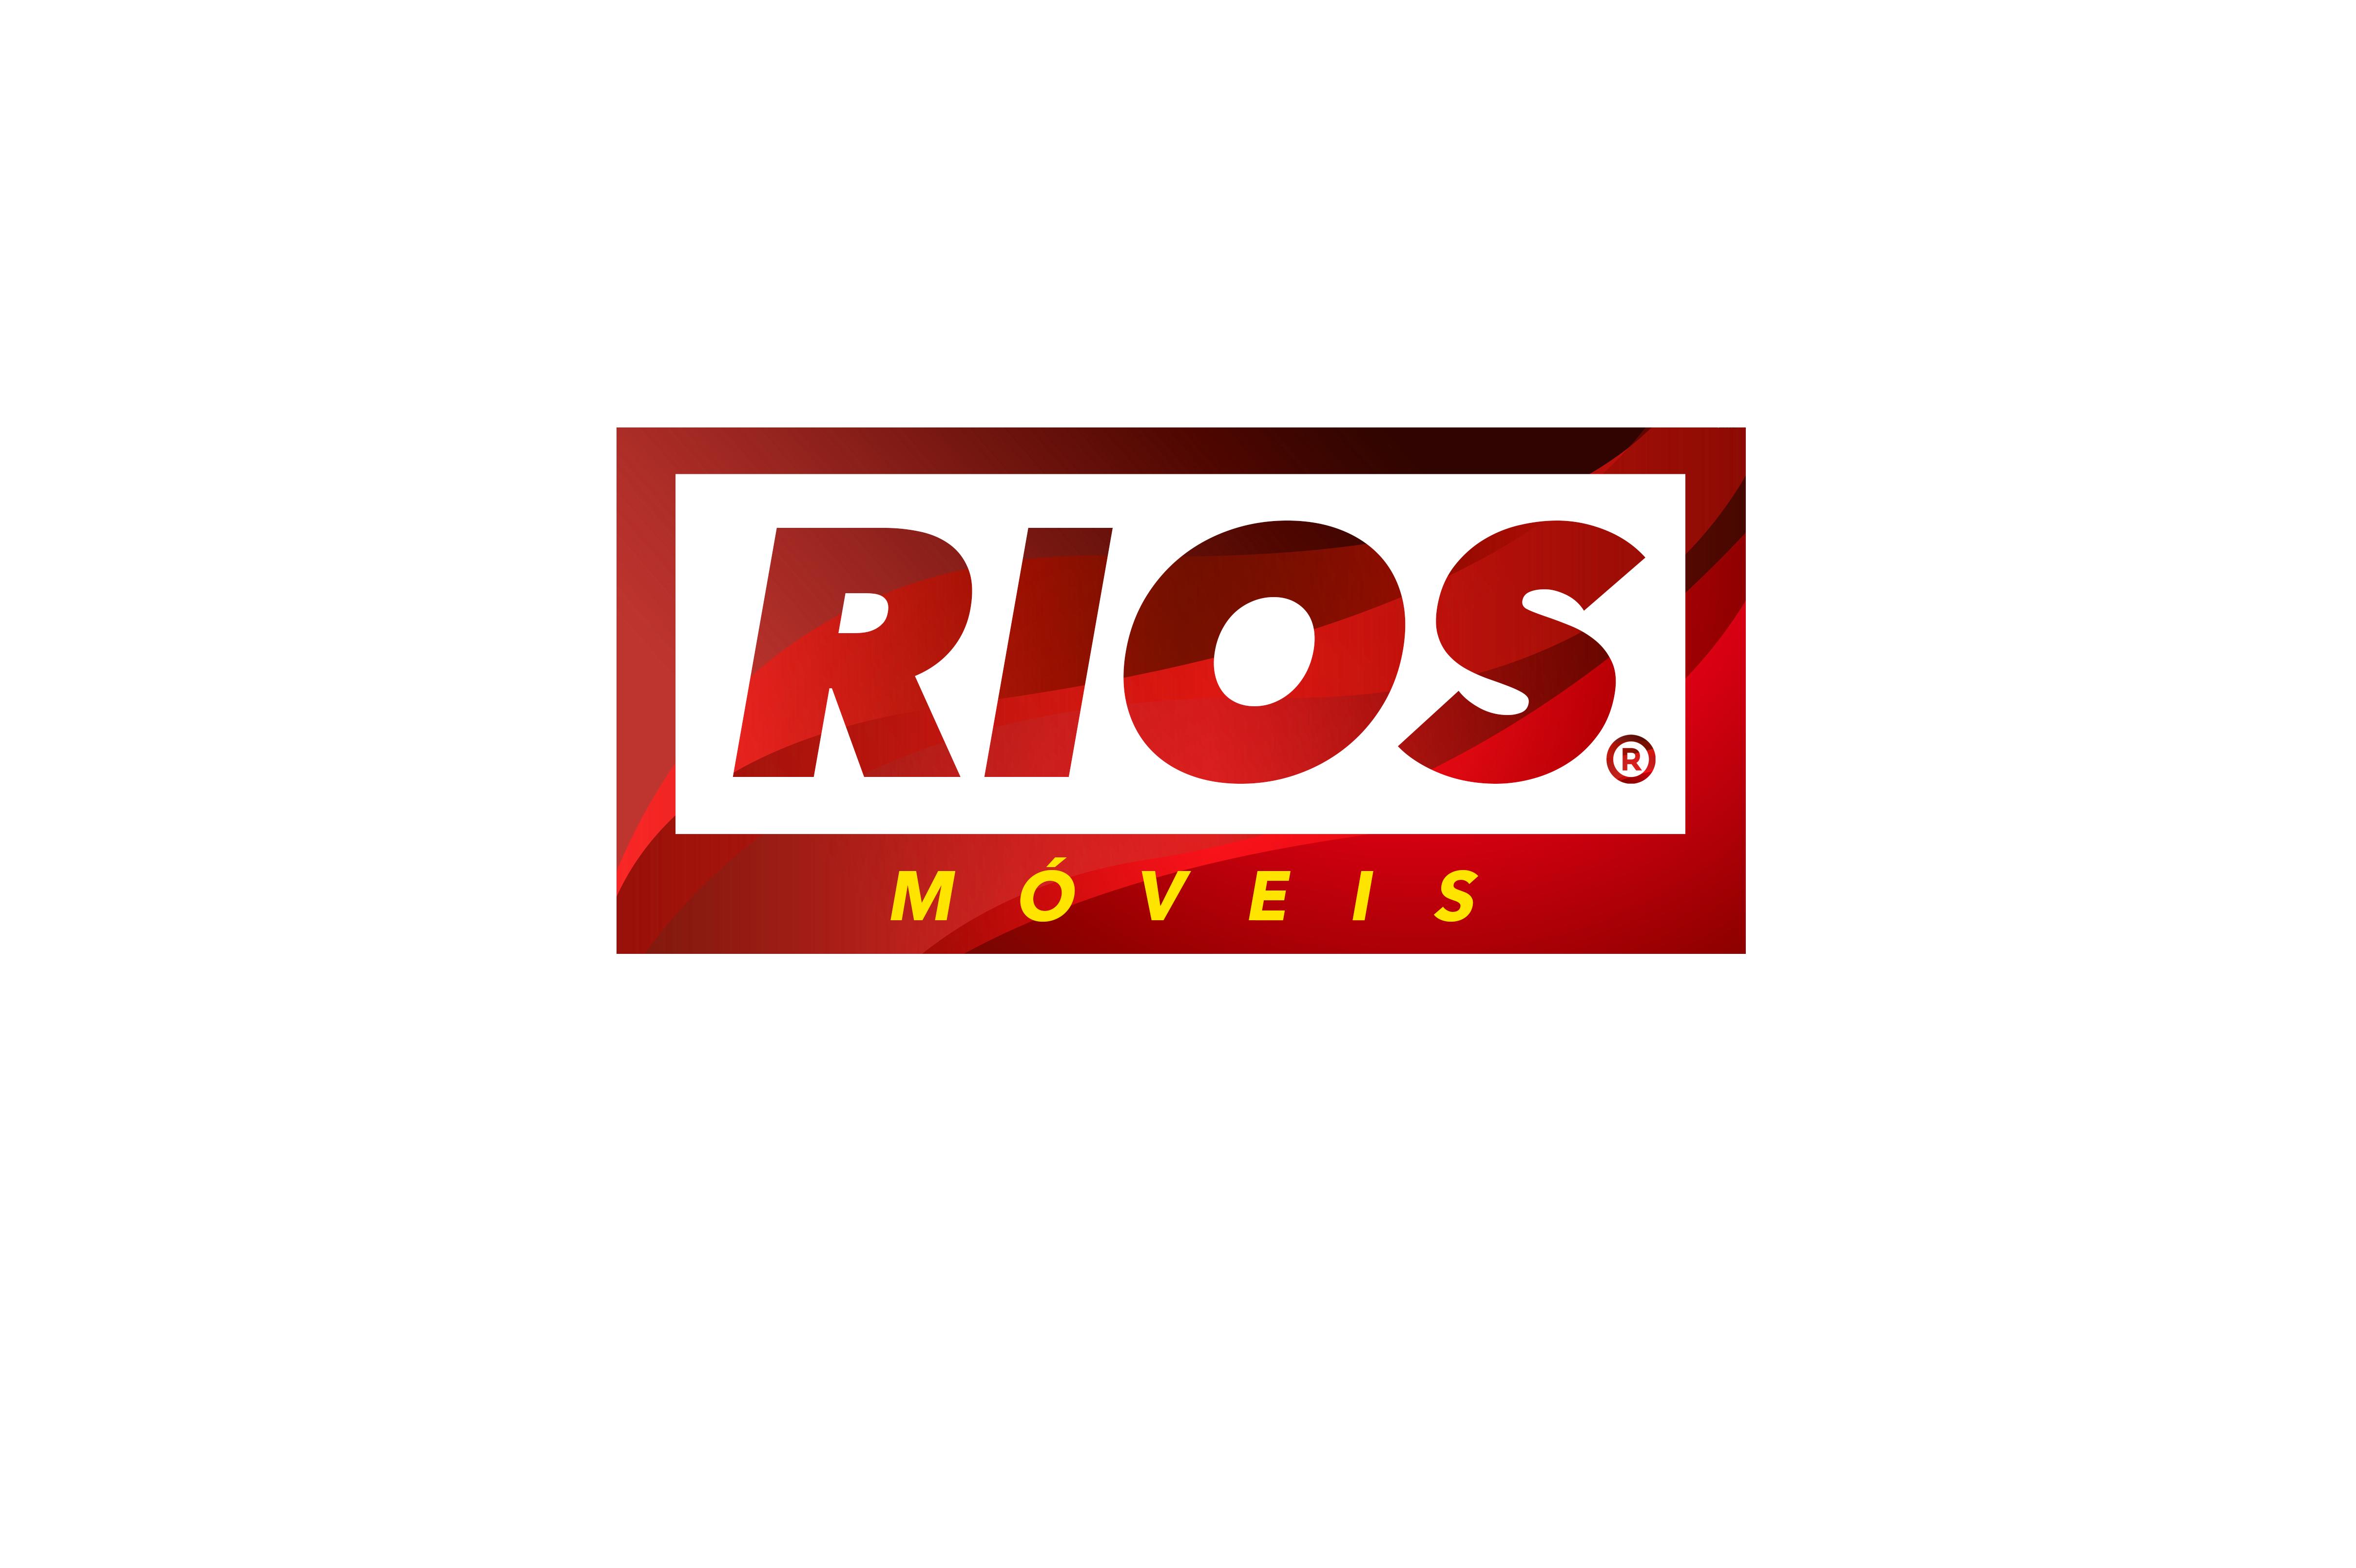 www.riosmoveis.com.br